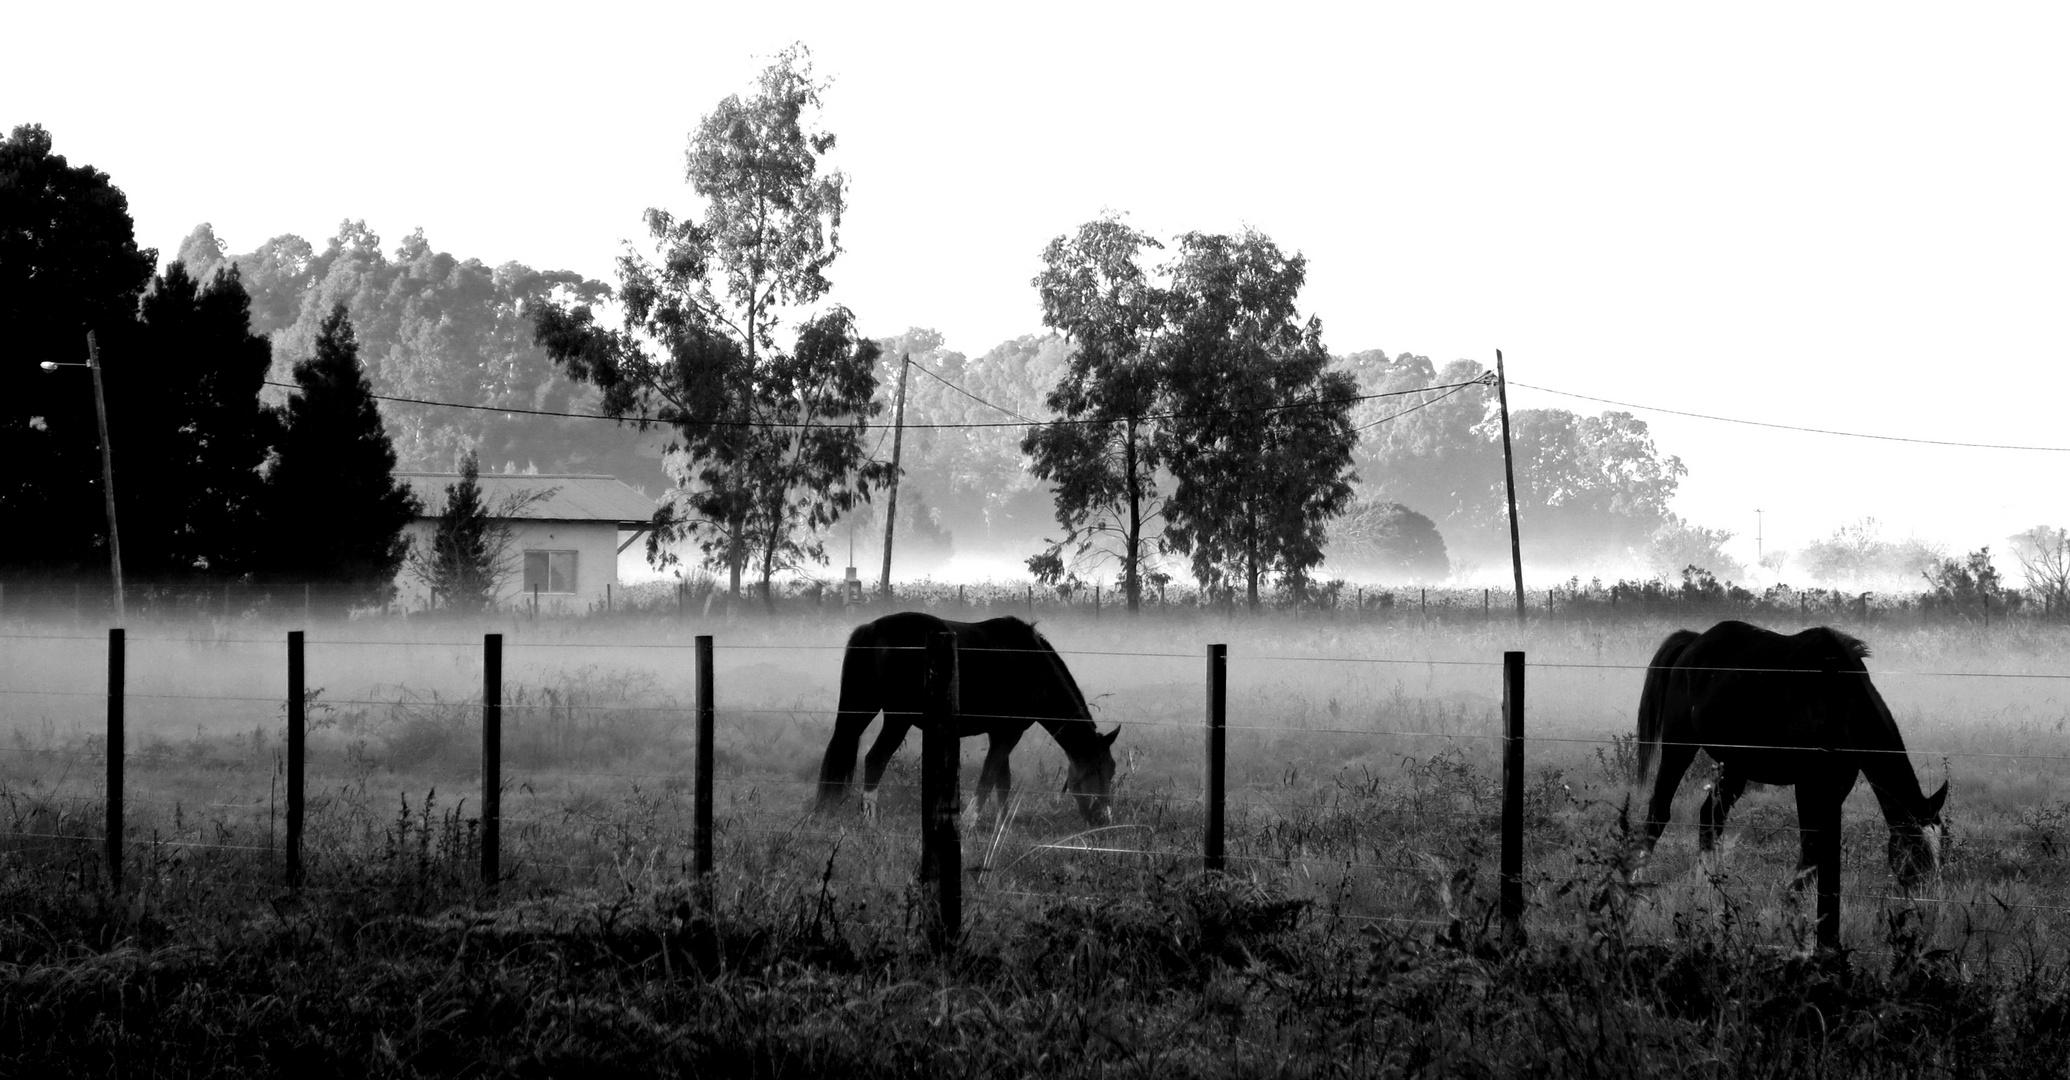 amanecer de pampa y niebla